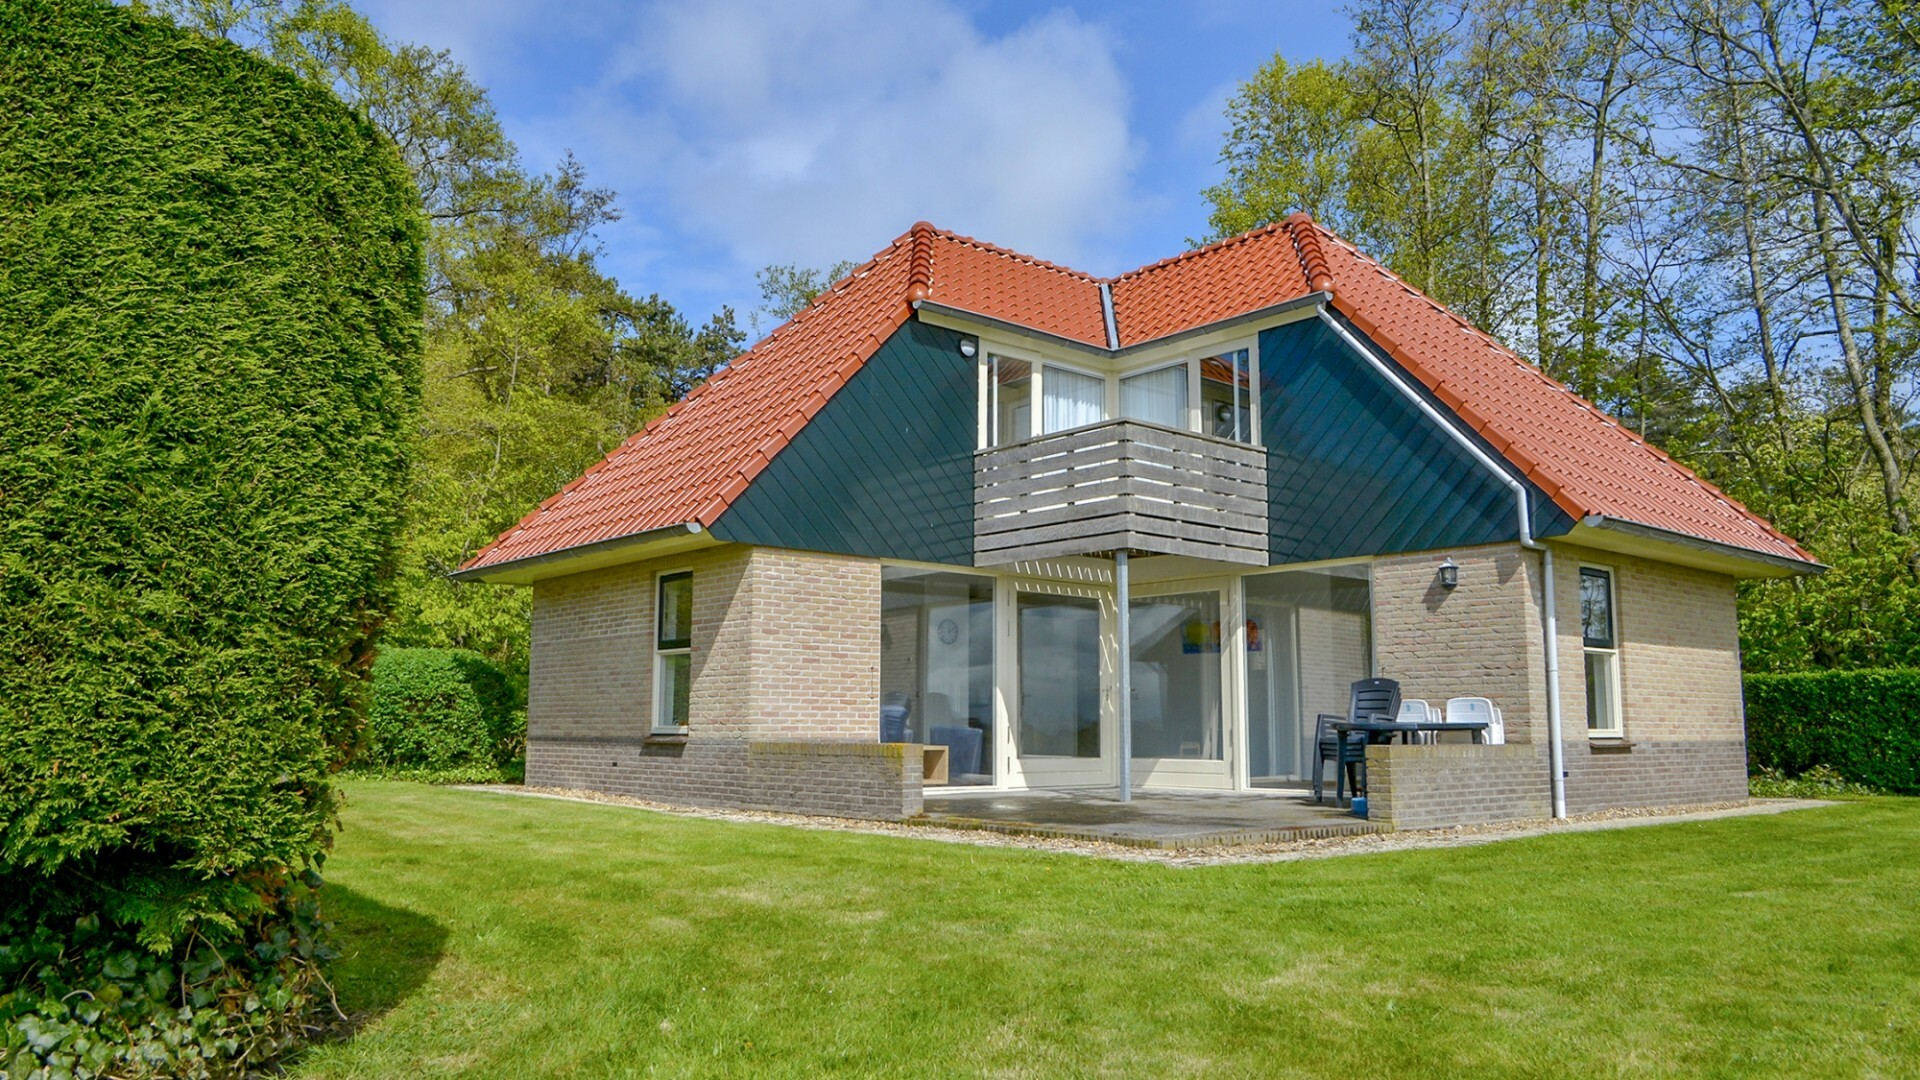 Buitenaanzicht vakantiewoningen De Mispel en Roodborstjes VVV Texel